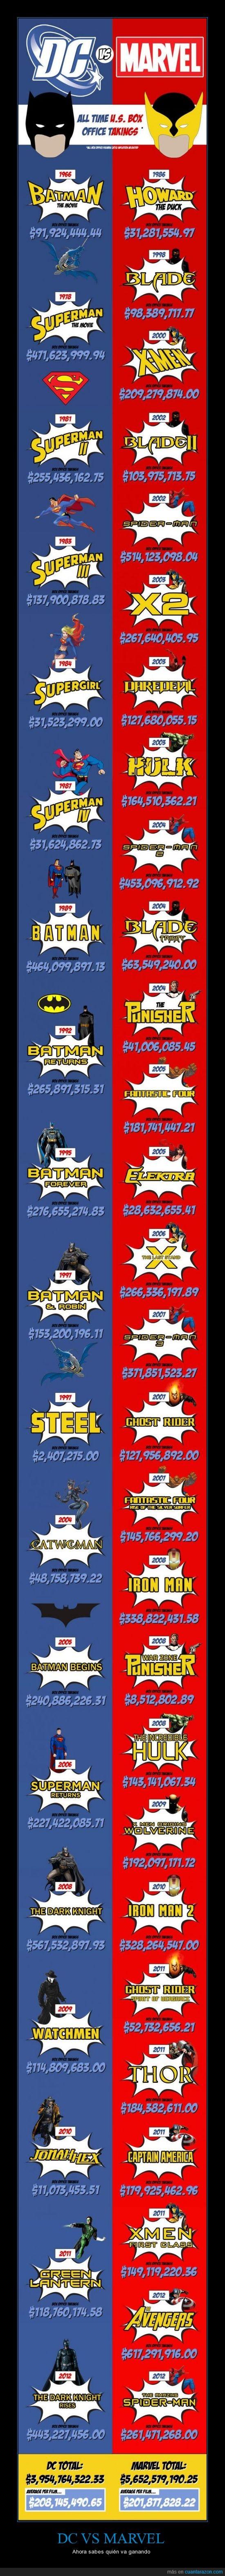 DC universe,dinero,héroes,marvel,millones,películas,personajes